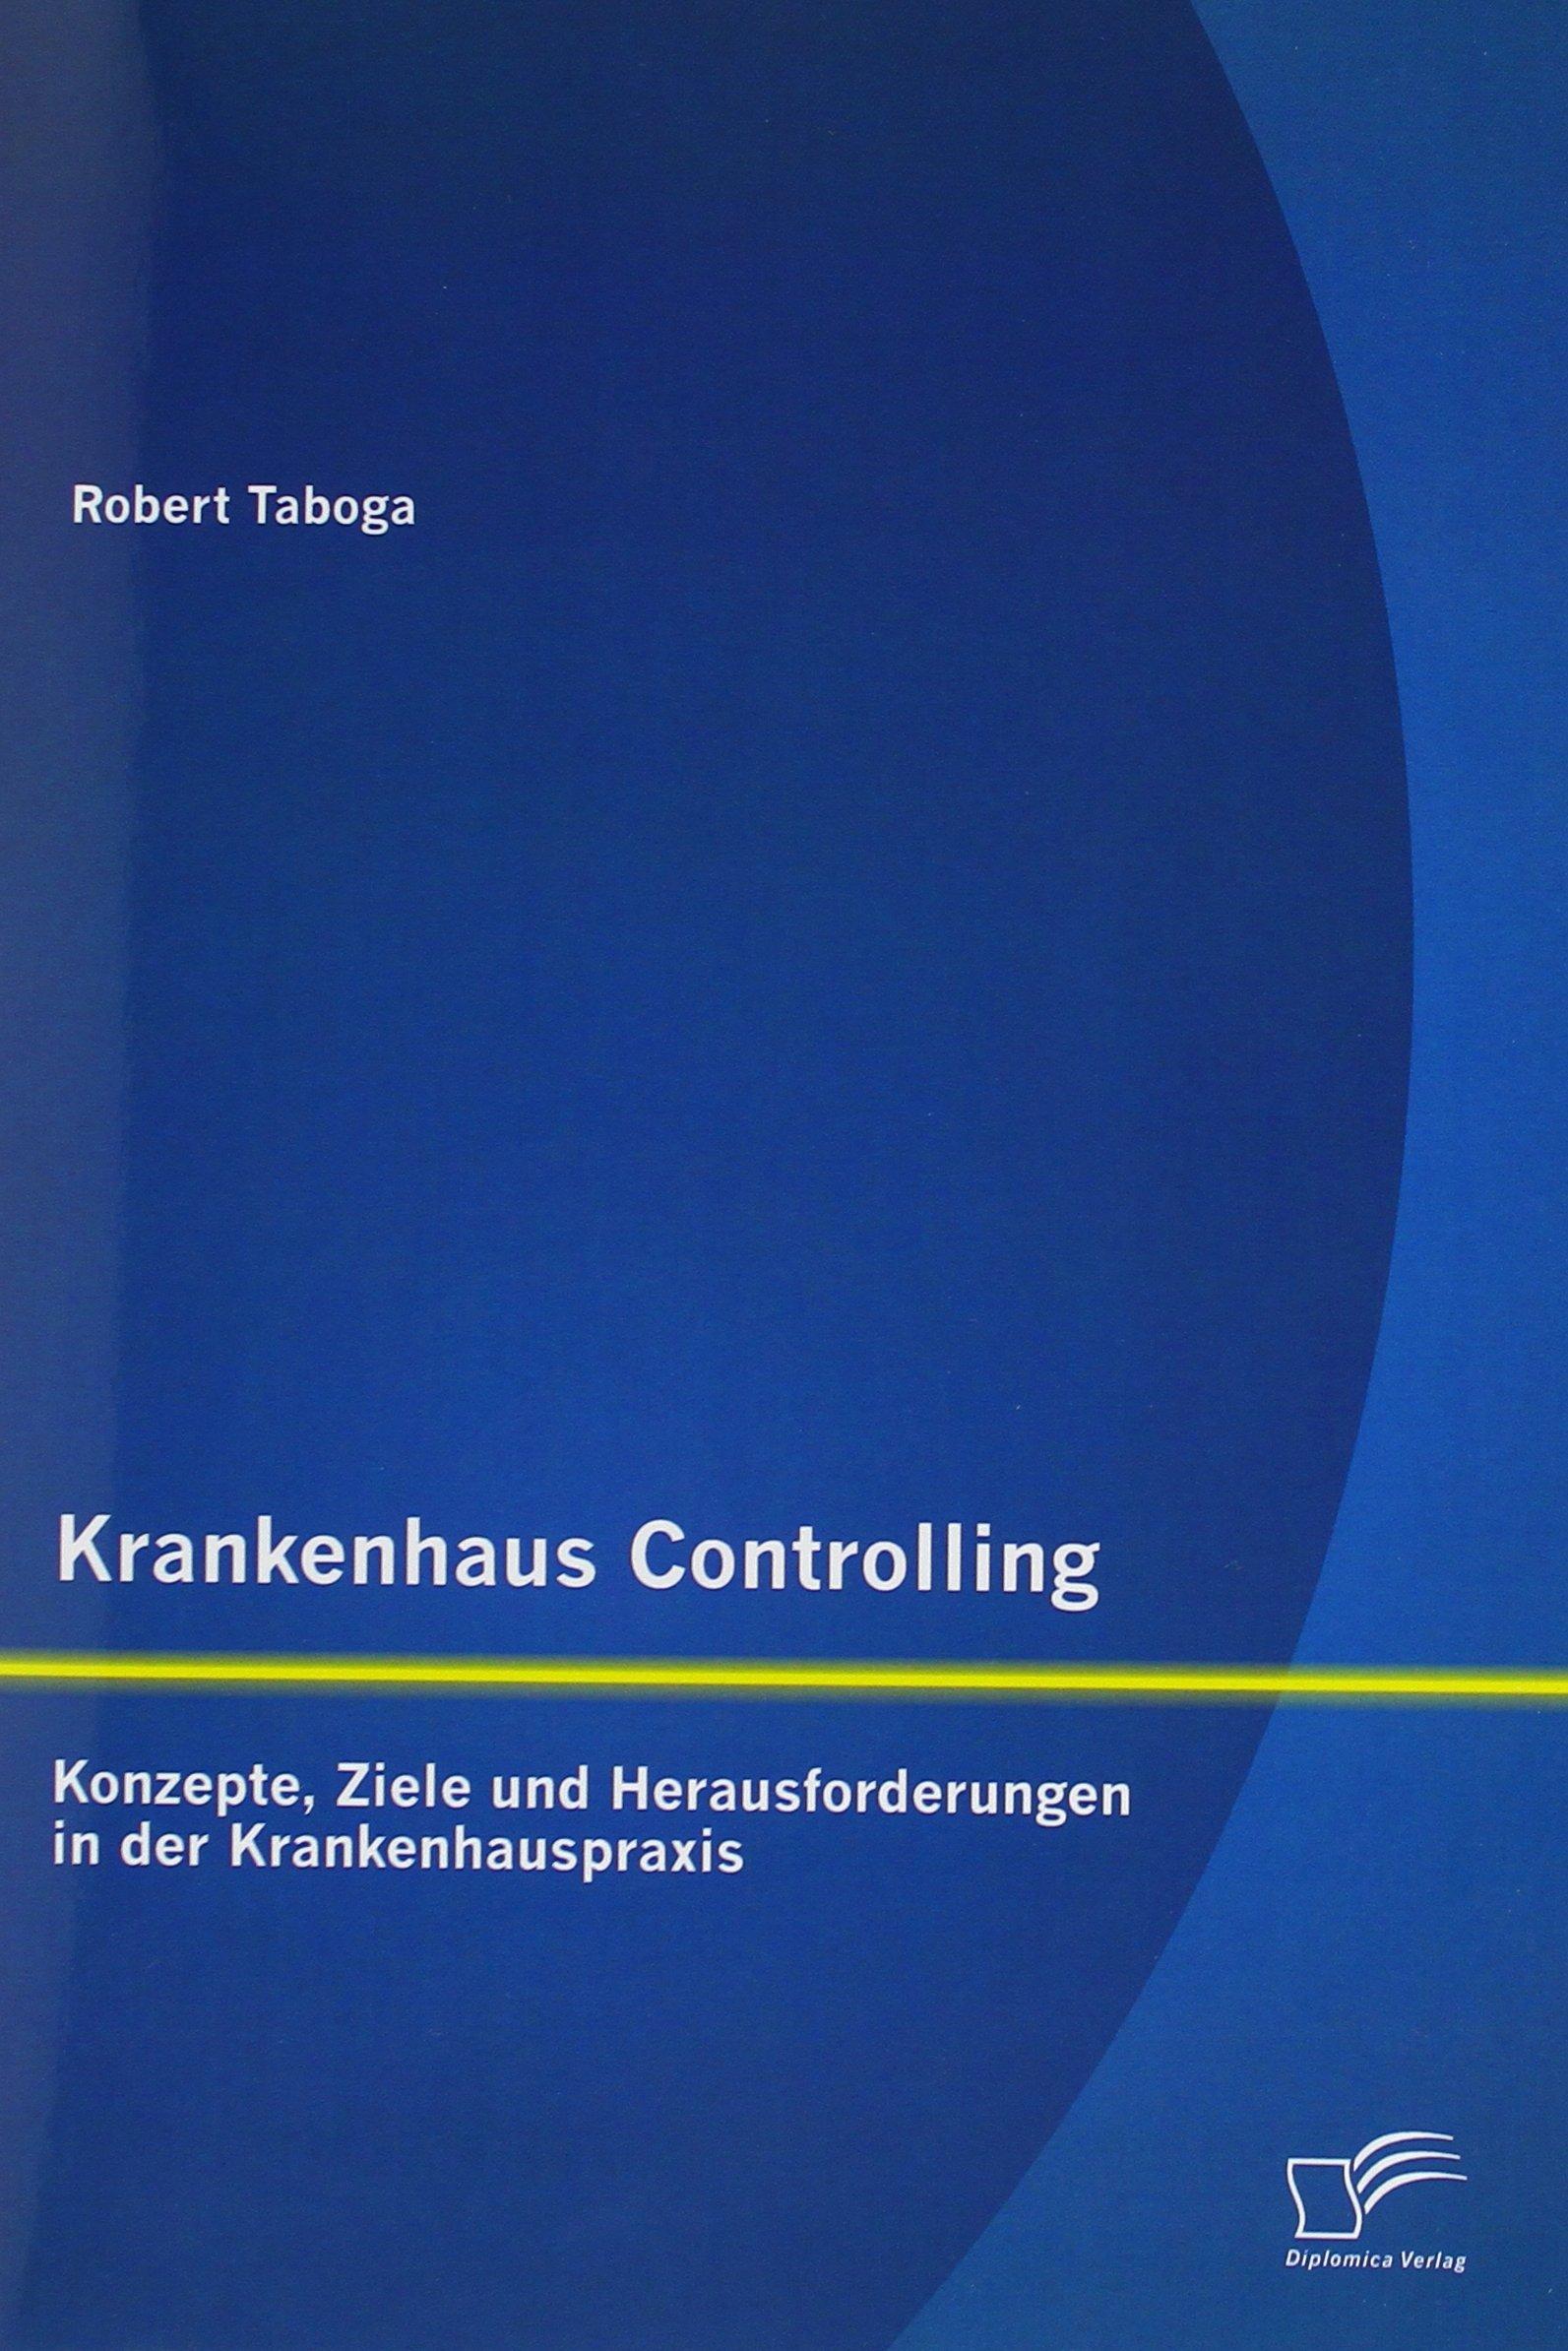 Krankenhaus Controlling: Konzepte, Ziele Und Herausforderungen in Der Krankenhauspraxis (German Edition) pdf